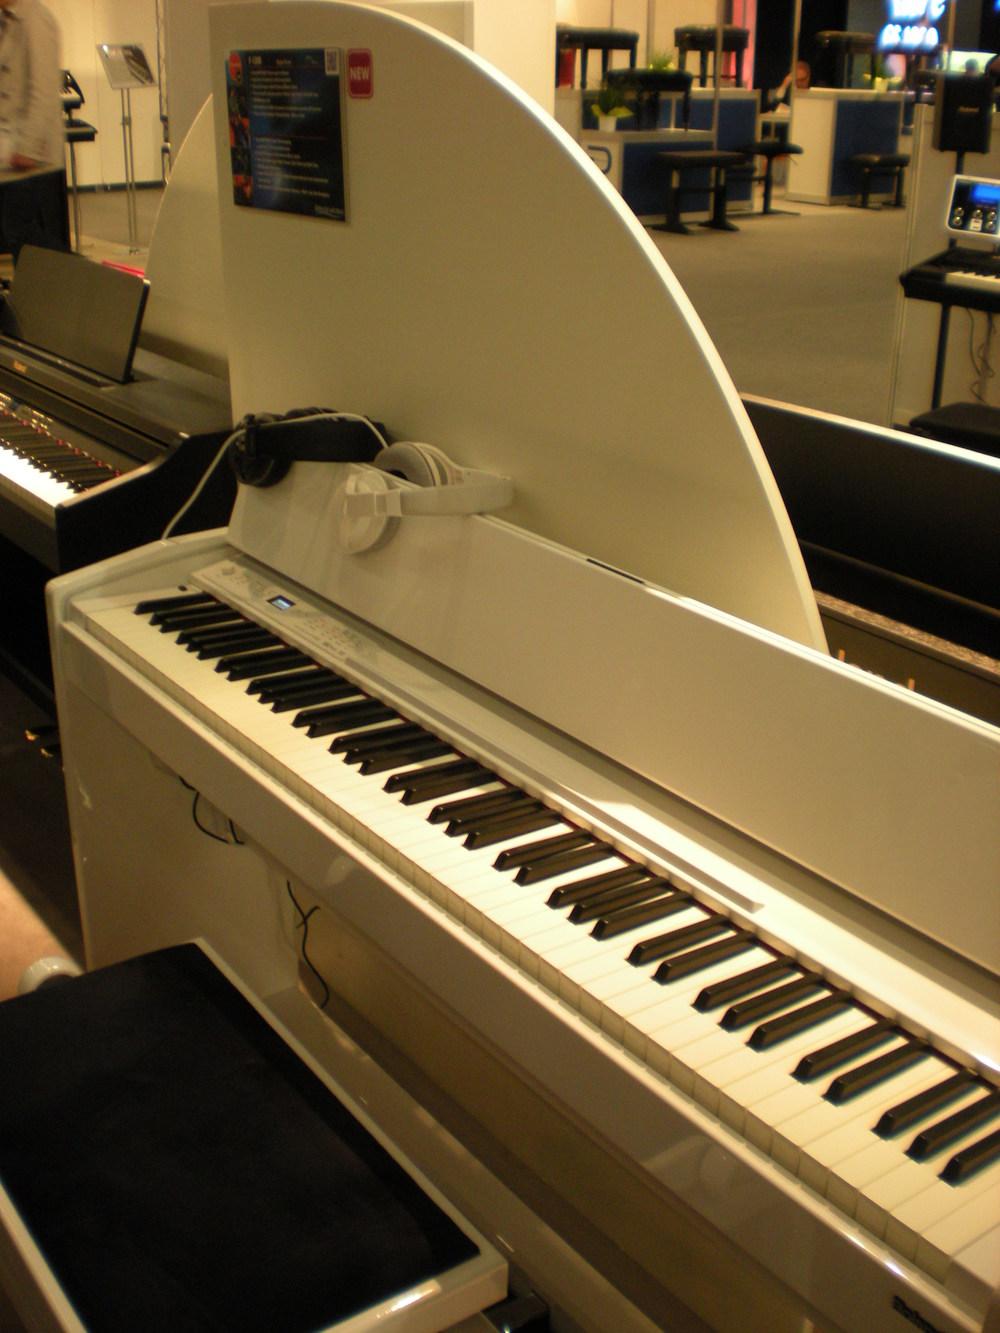 Roland_F-120_piano_numerique_Francfort_2012.JPG